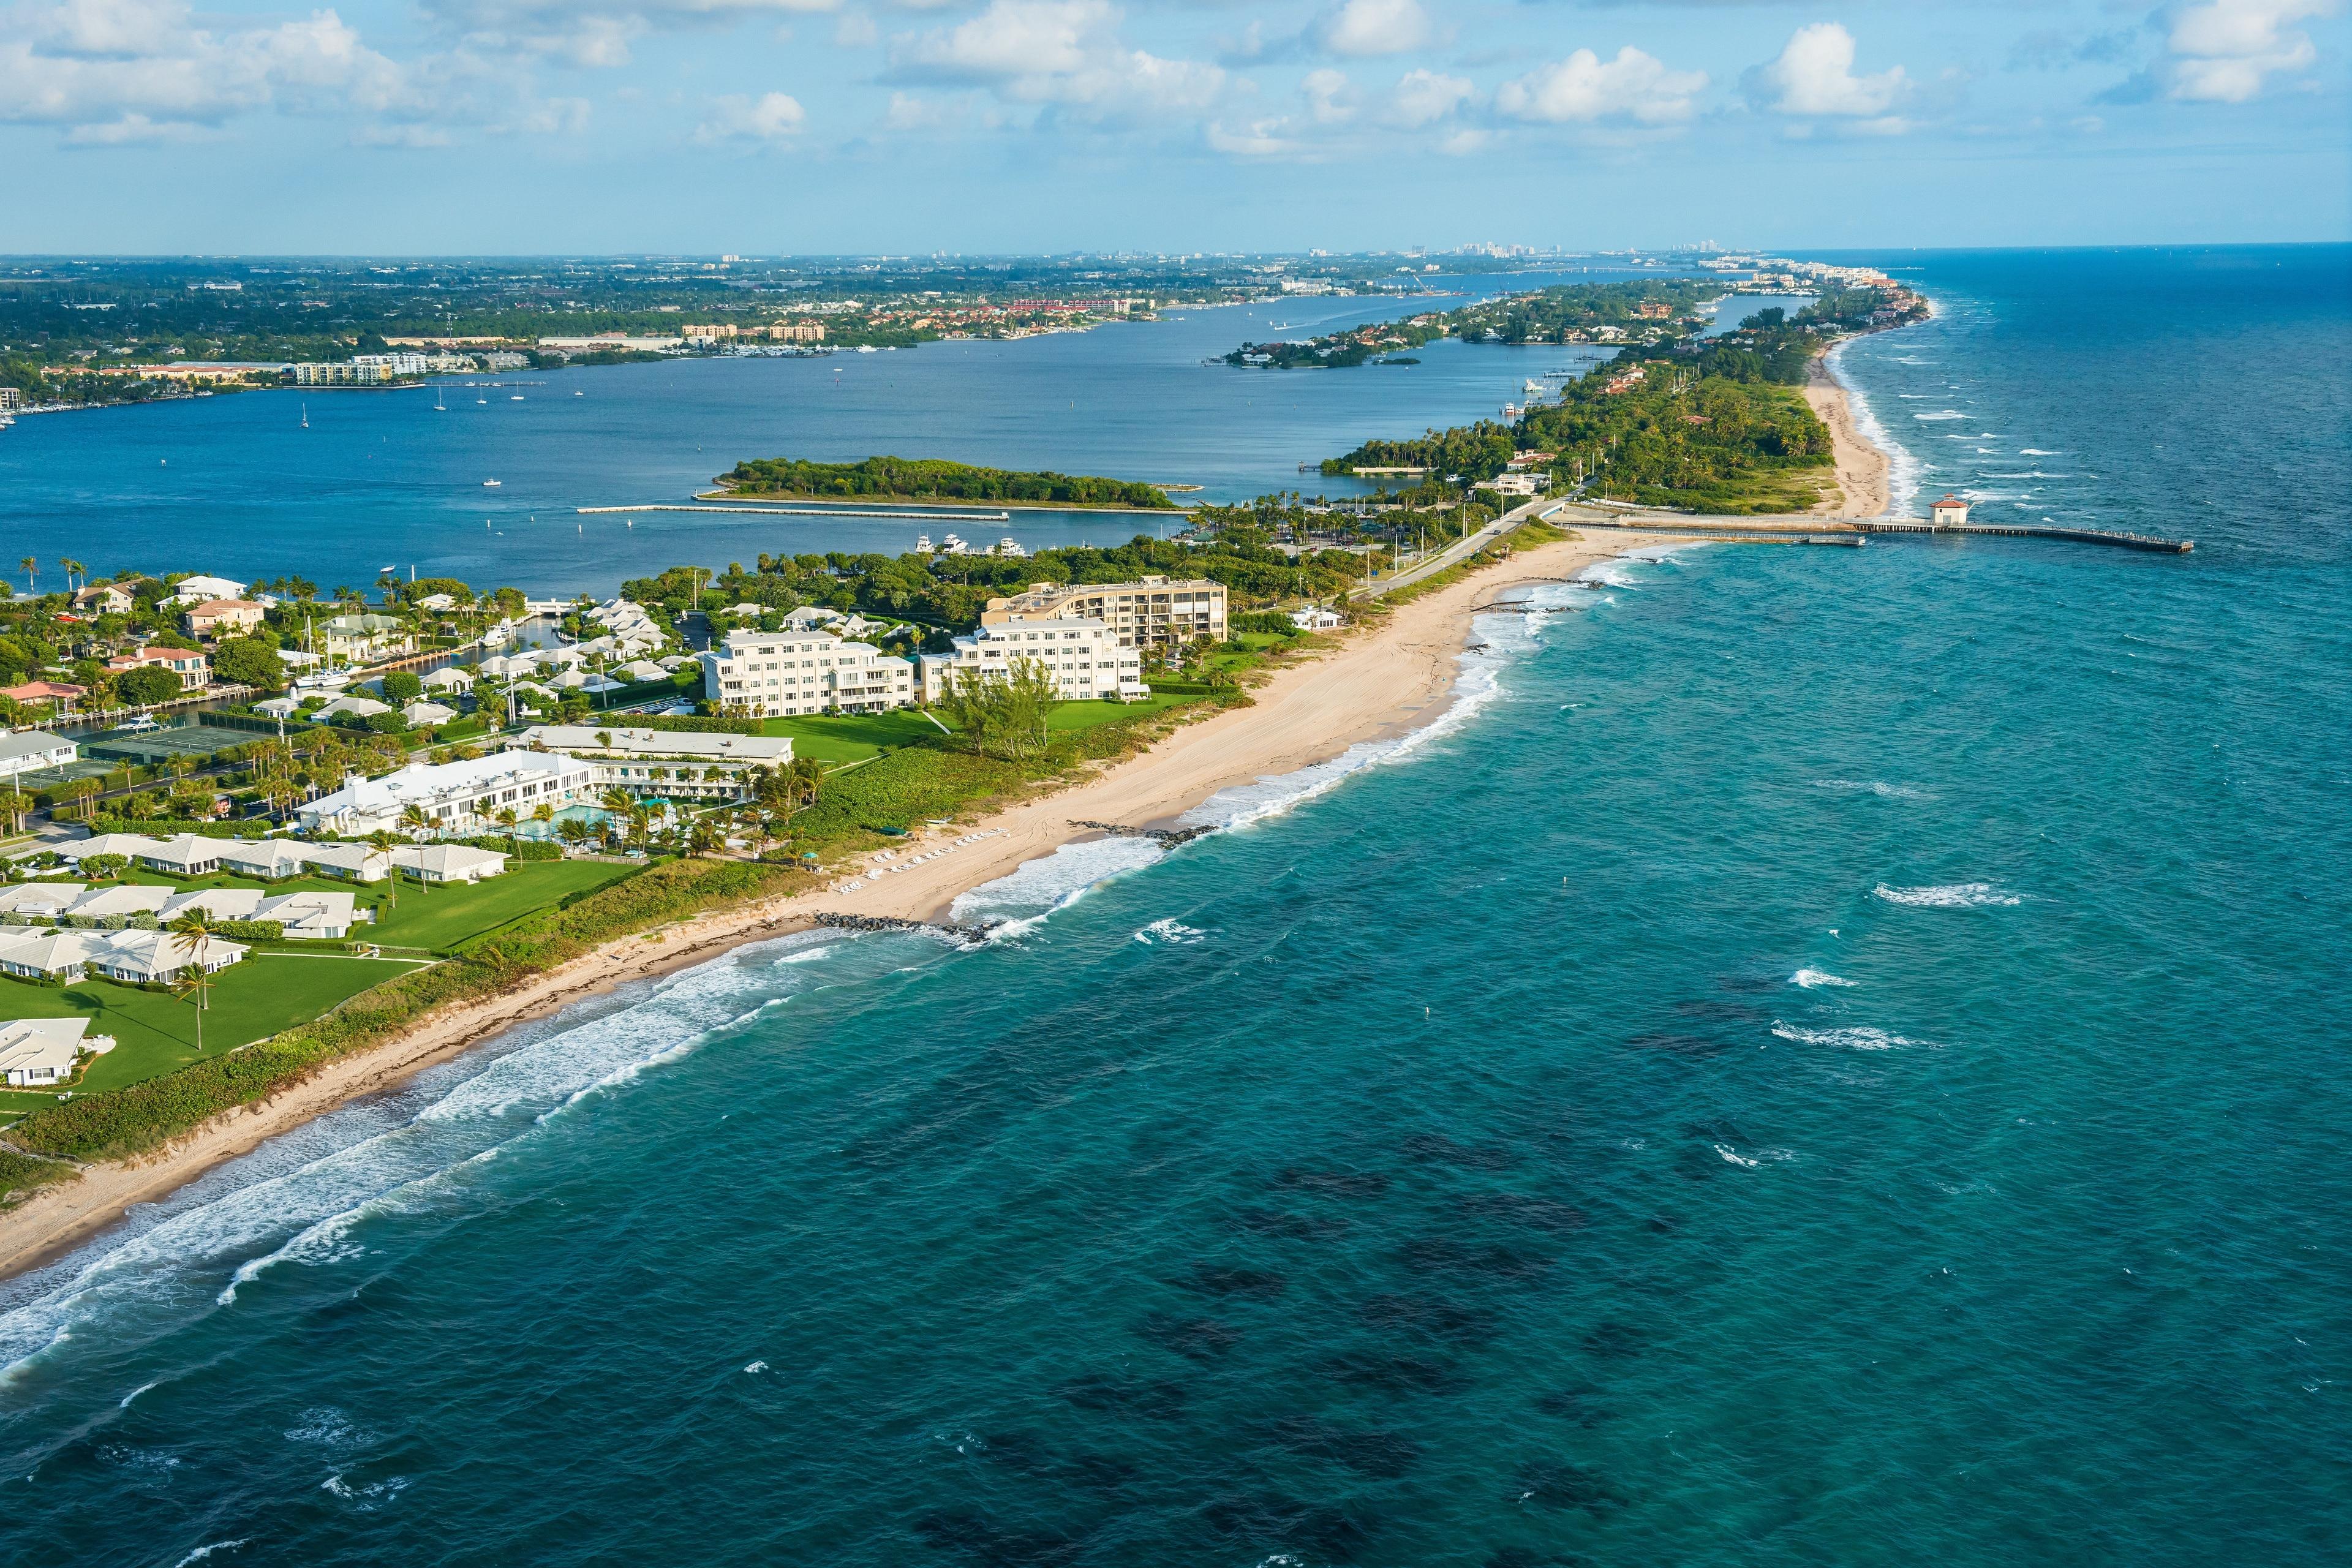 Boynton Beach, Florida, USA